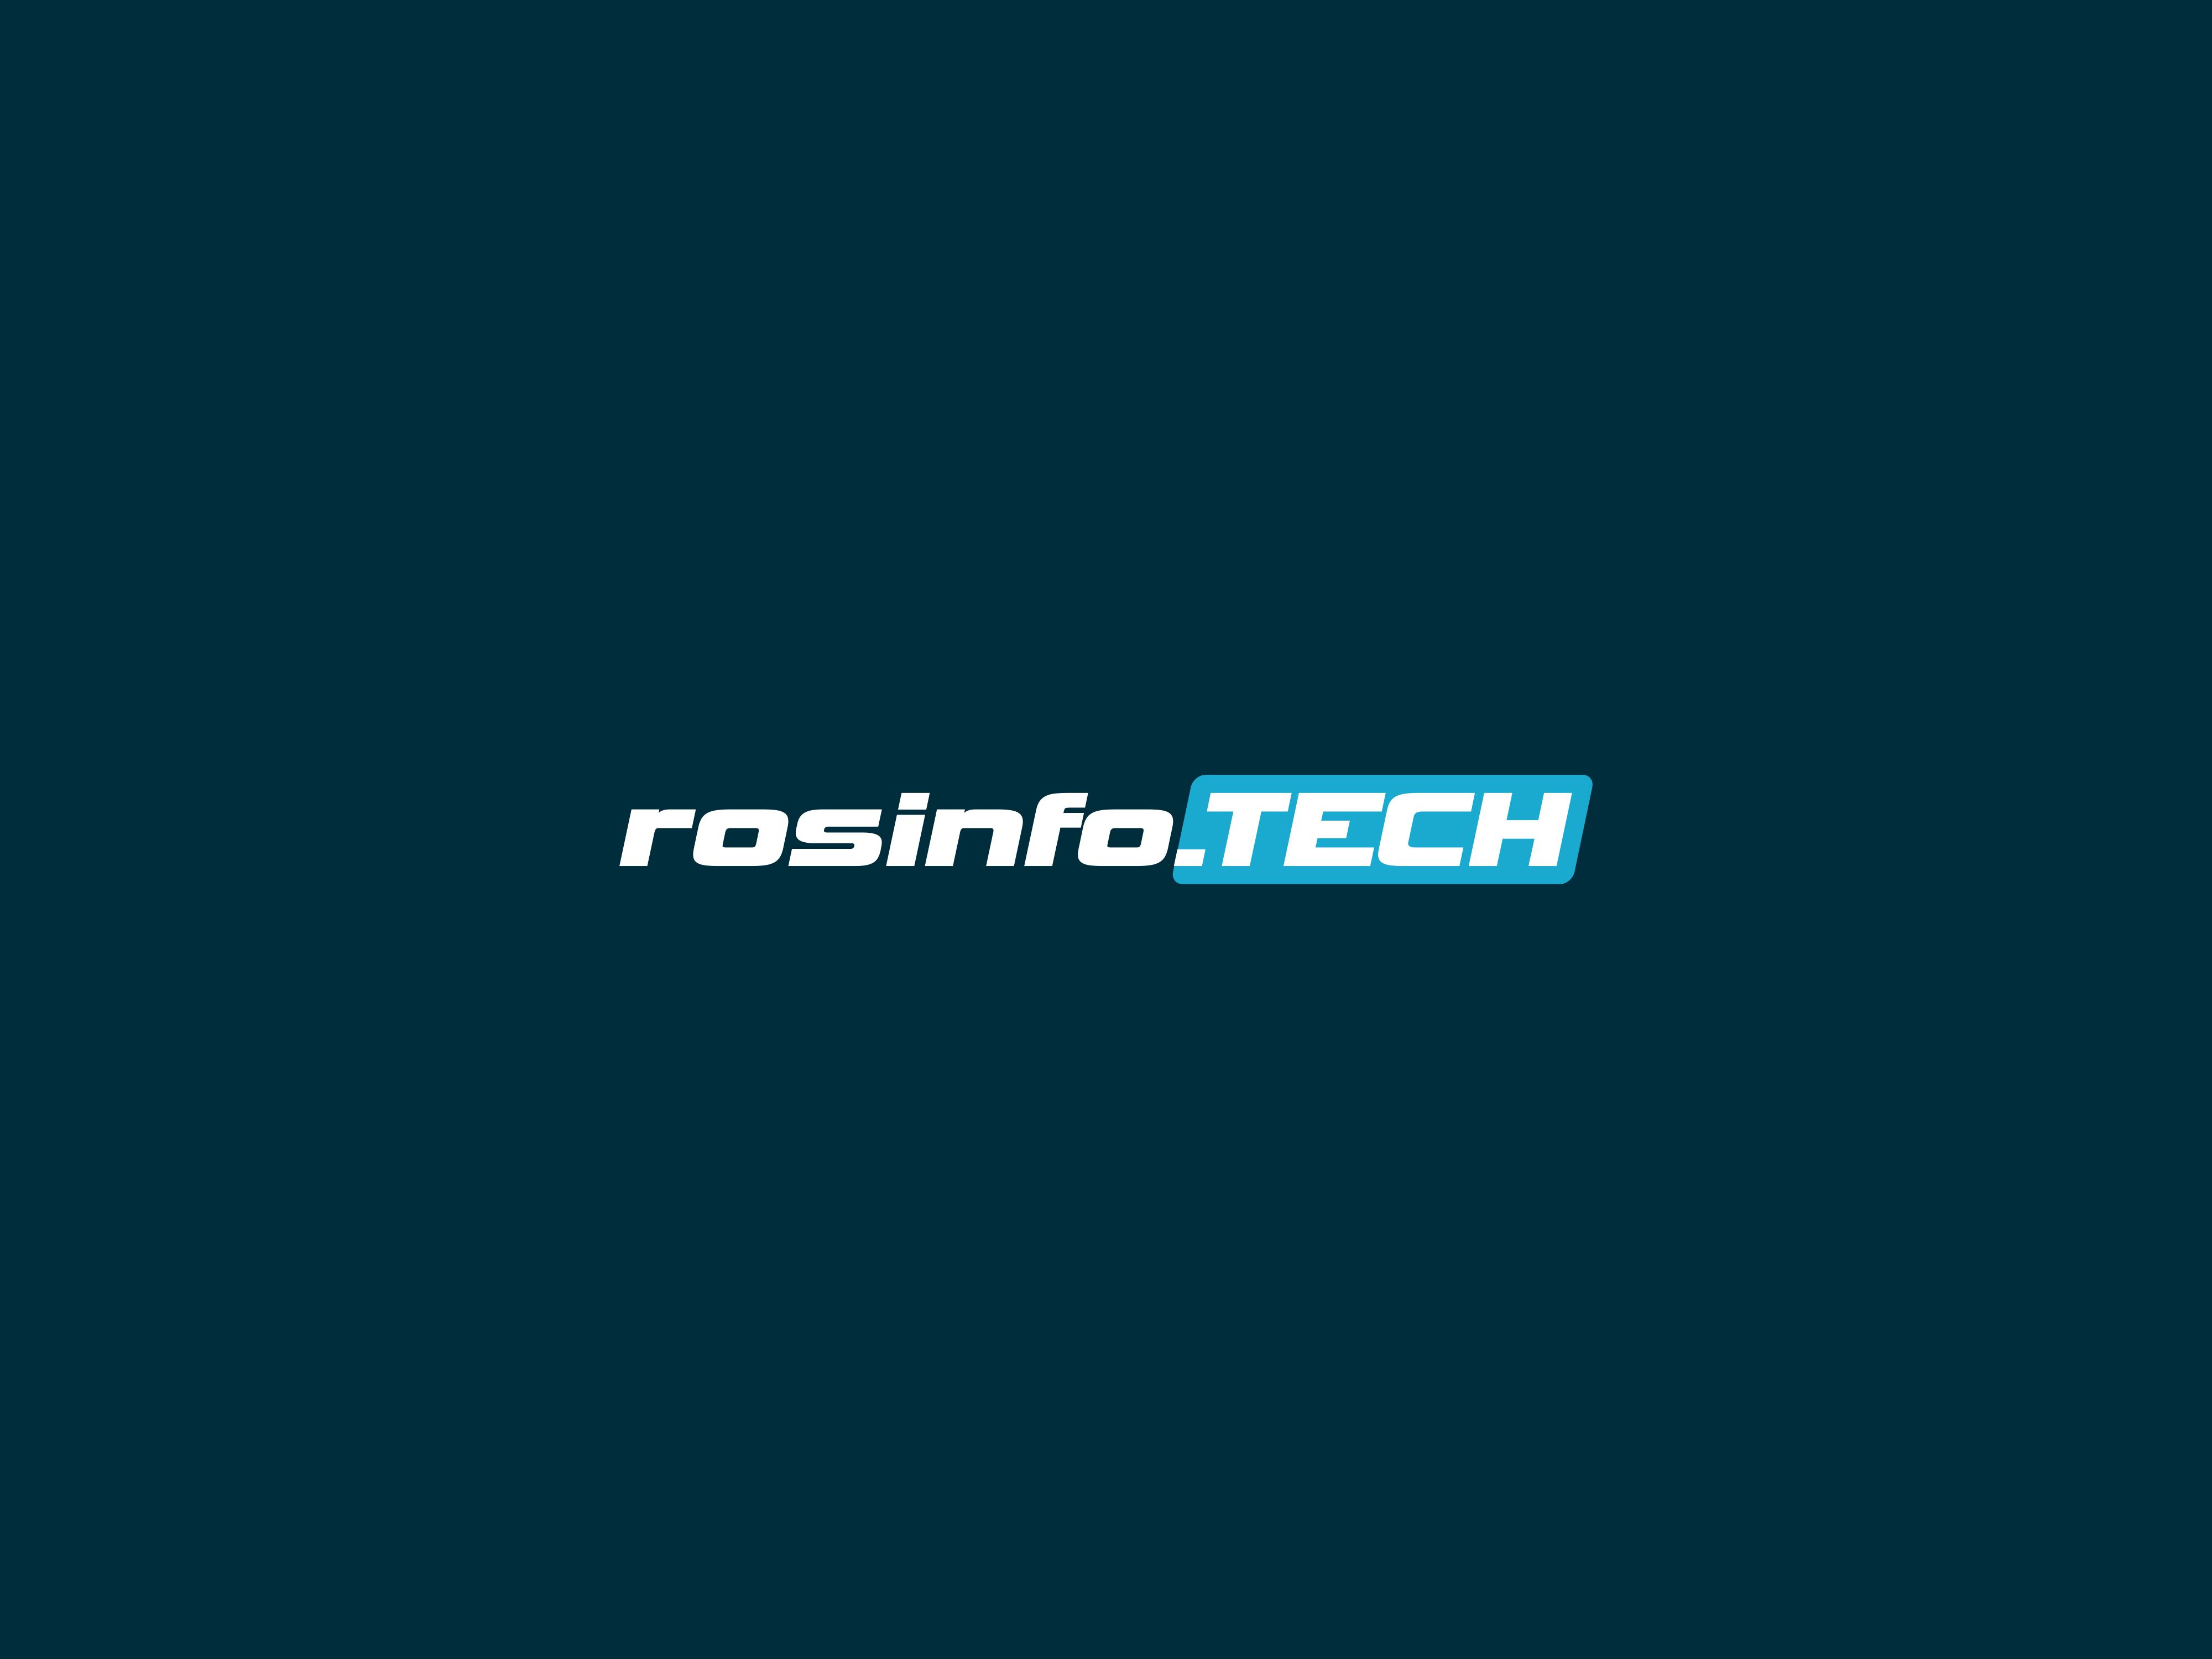 Разработка пакета айдентики rosinfo.tech фото f_6045e2b4a67b0613.png